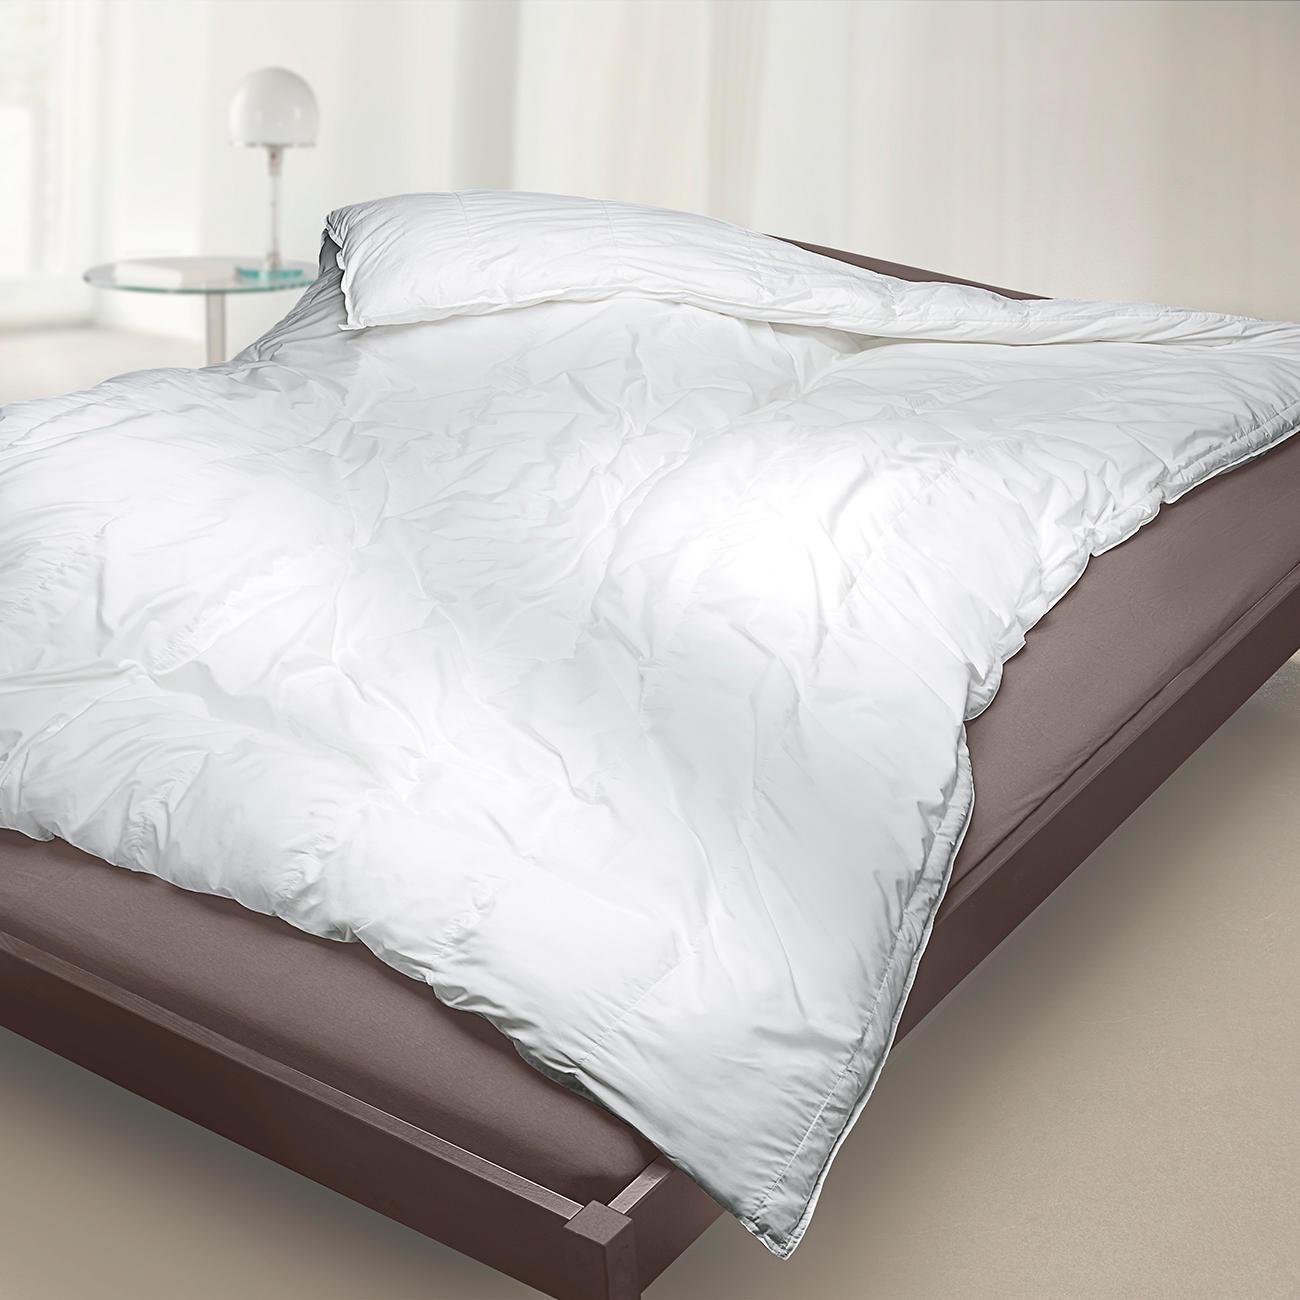 bettdecken migros set one schlafzimmer kleiderschr nke nussbaum bergr en bettw sche wo. Black Bedroom Furniture Sets. Home Design Ideas